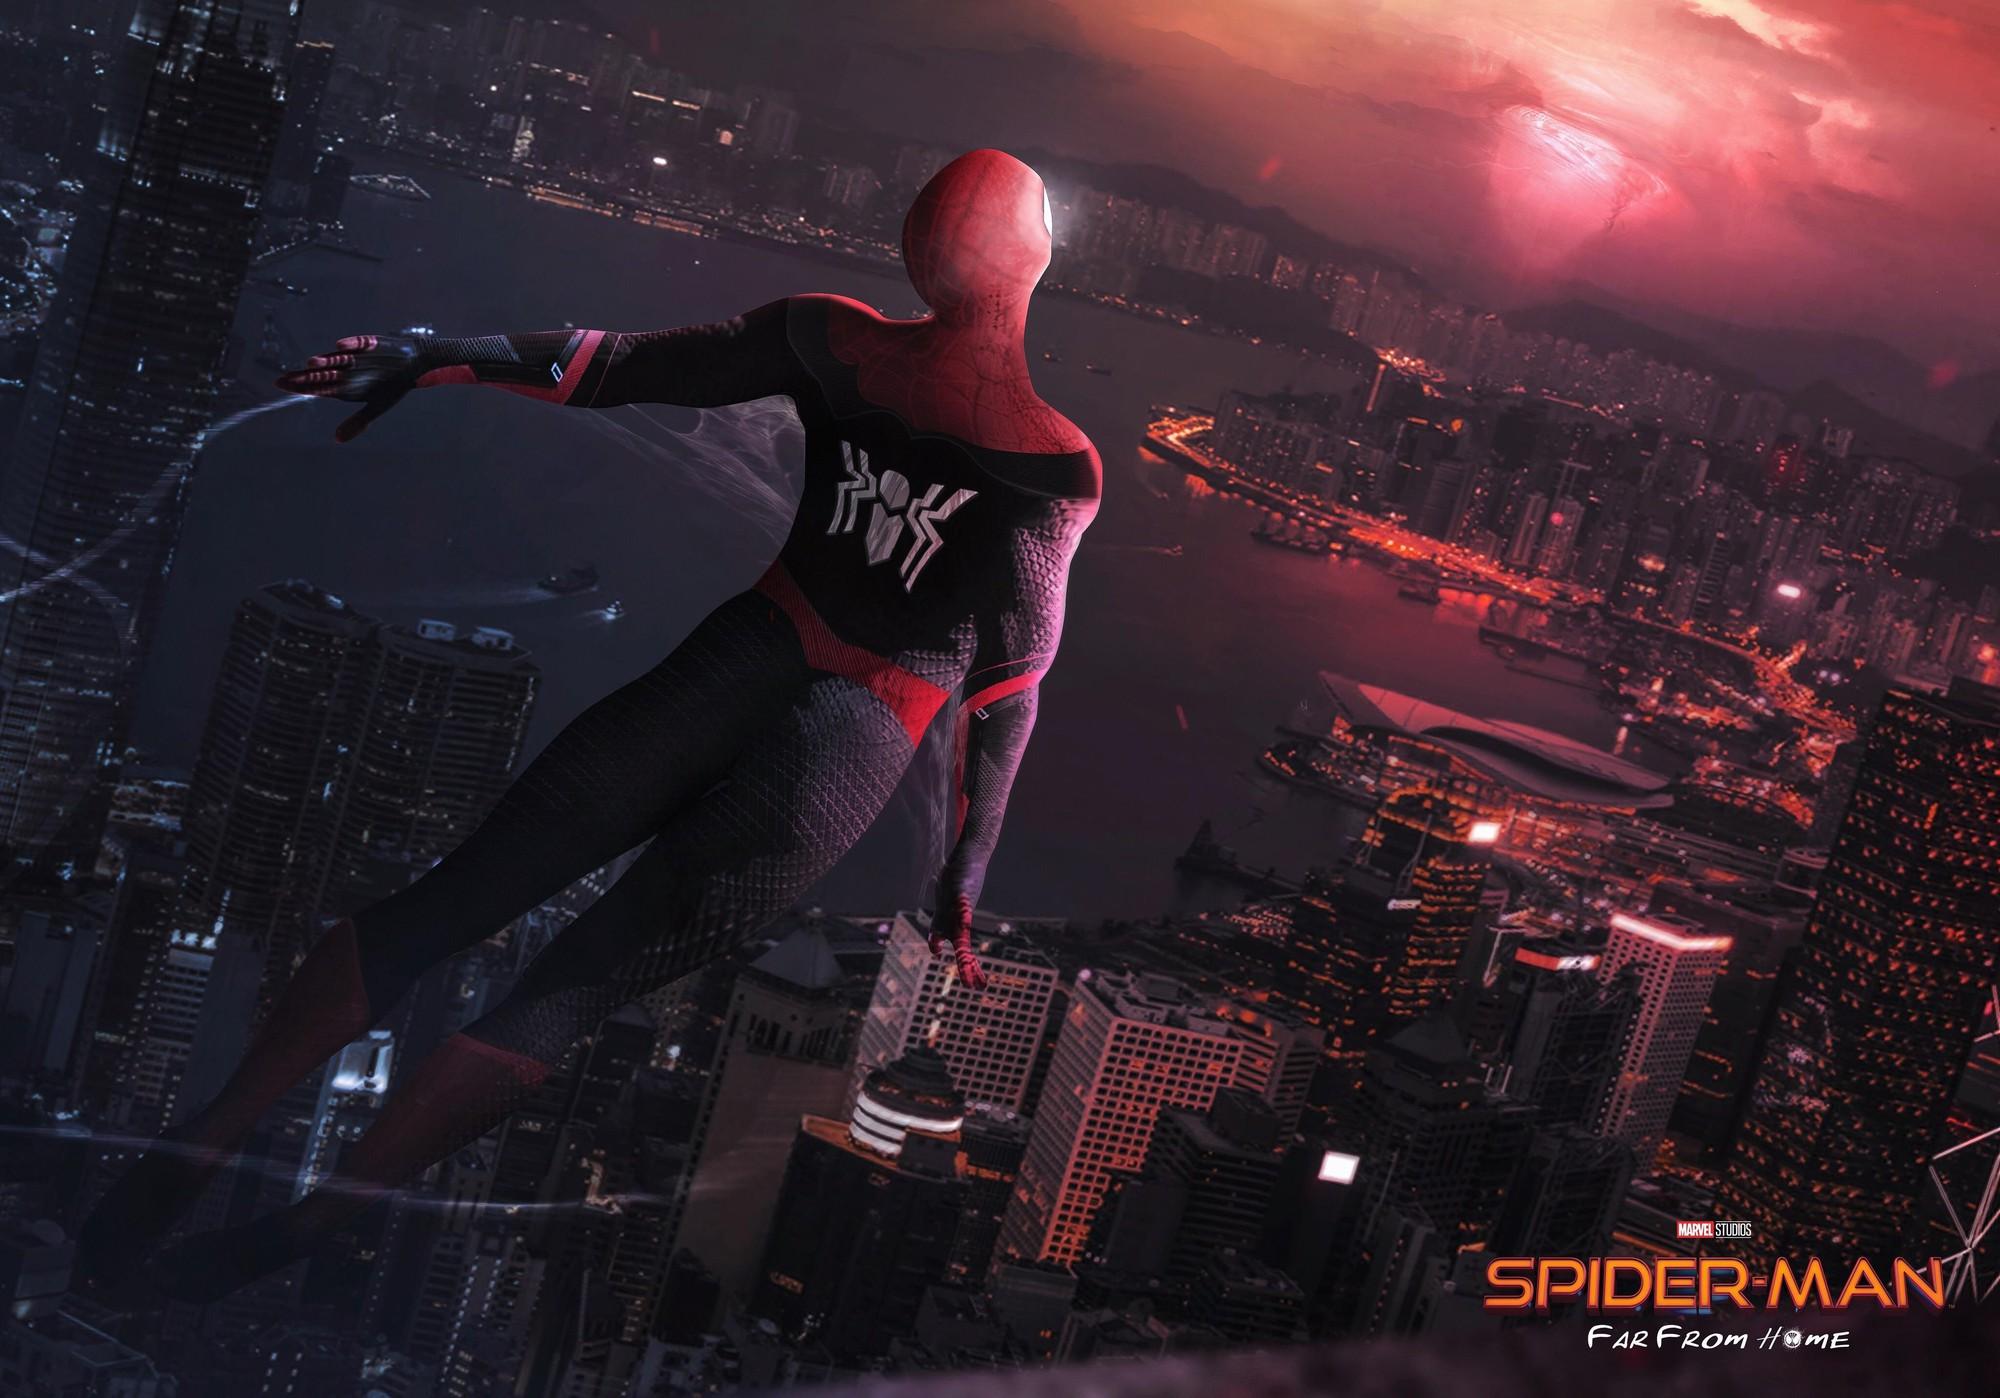 Spider-man: Far From Home thật sự đáng xem hay nhạt nhẽo? - Ảnh 12.